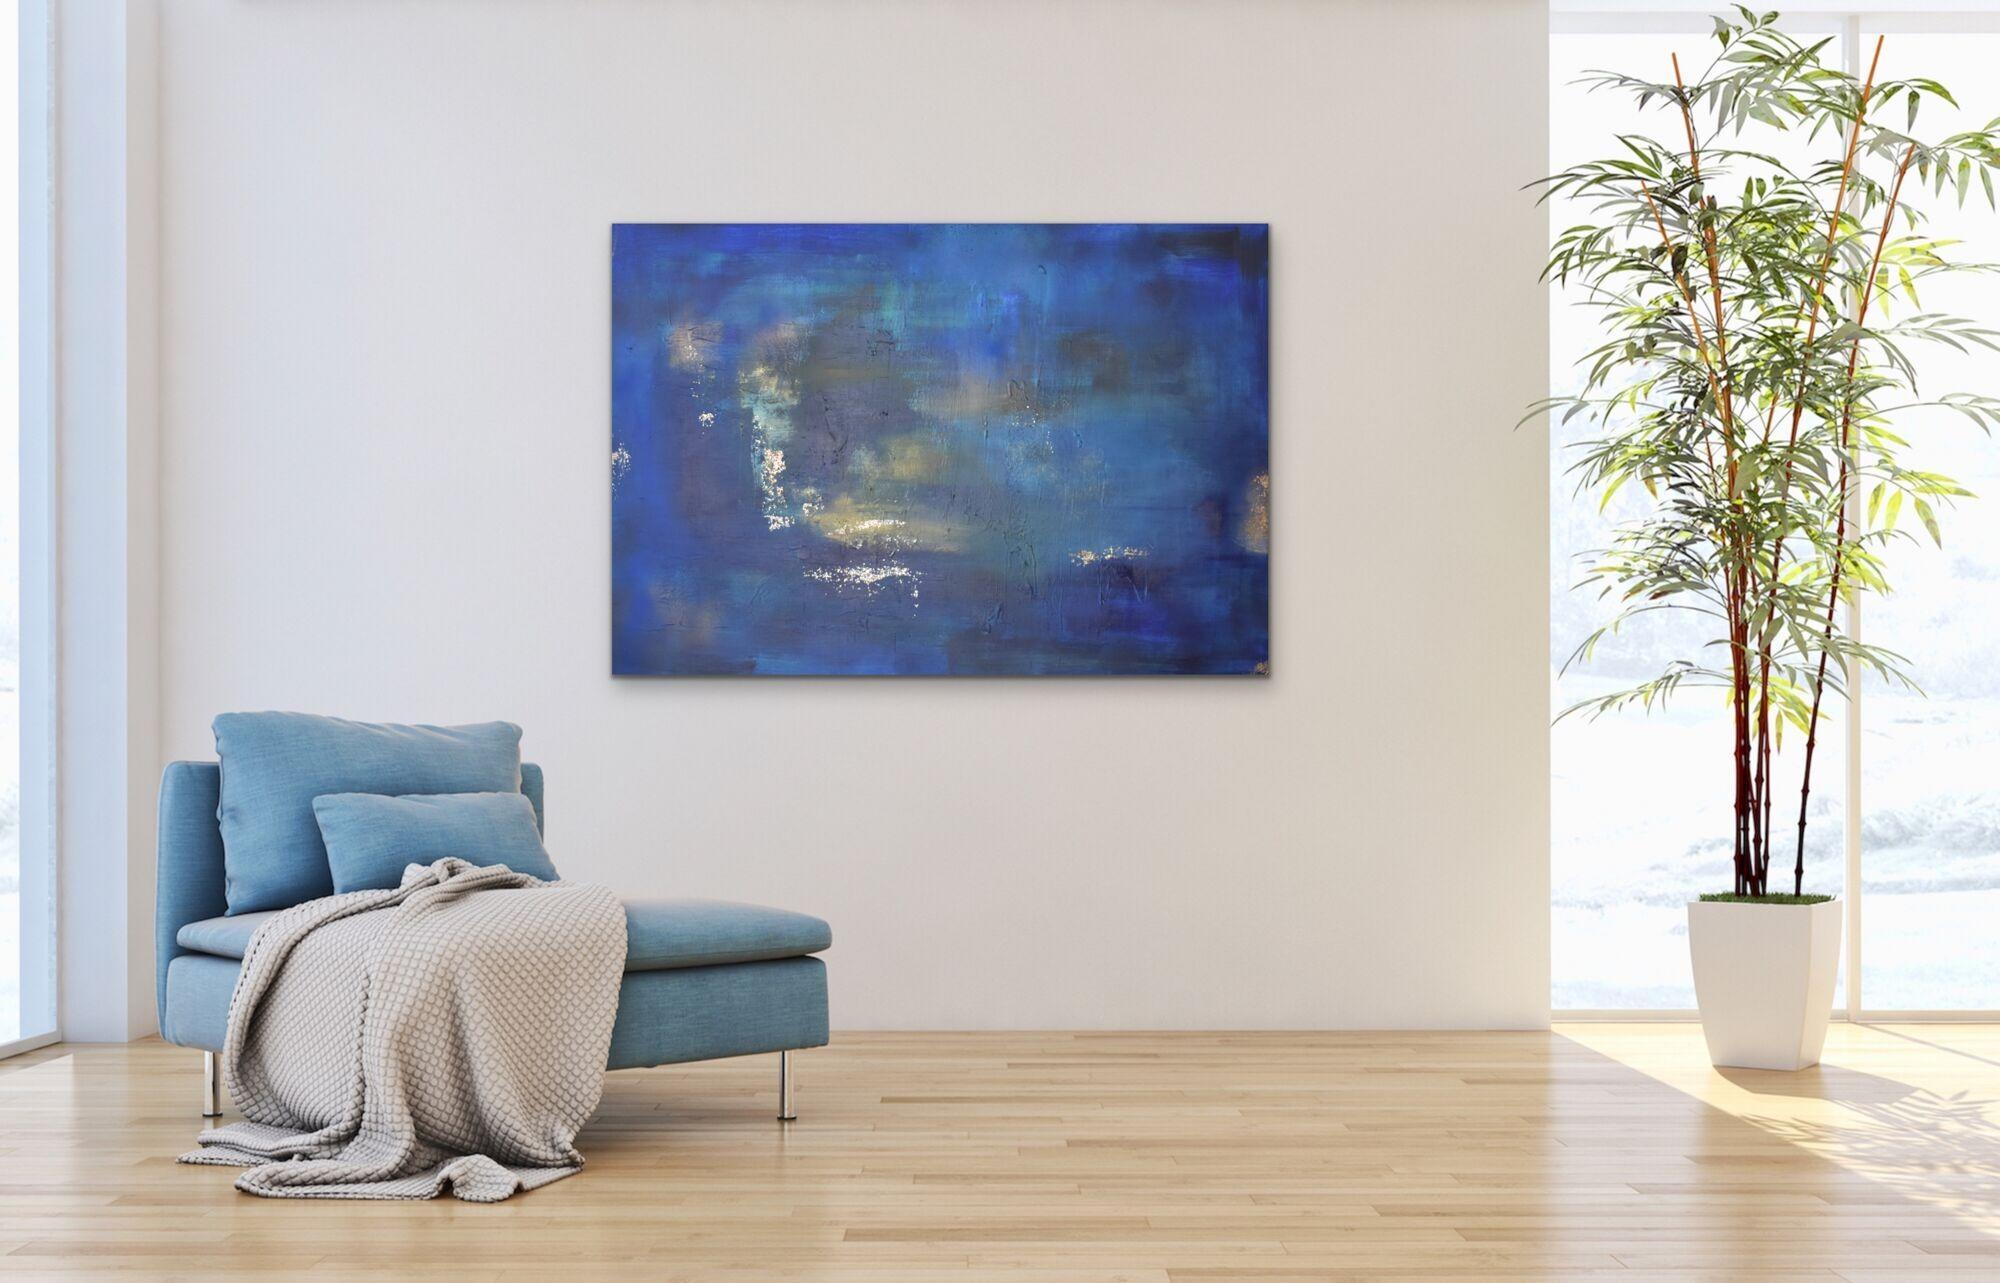 Blått maleri av Hegek på vegg i stue